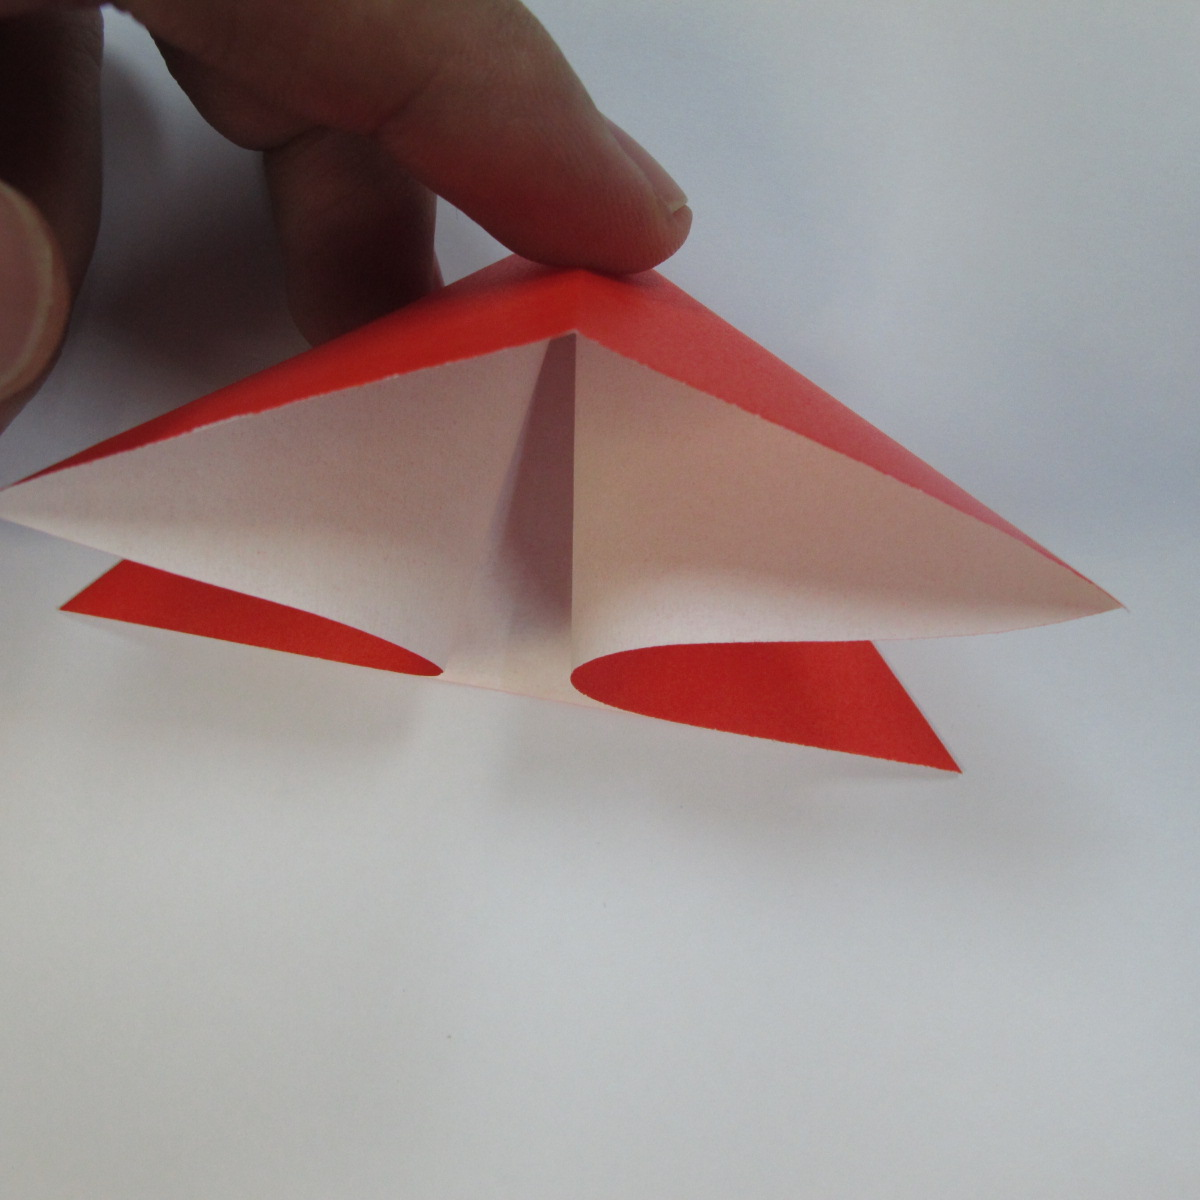 วิธีการพับกระดาษเป็นดาวหกแฉกแบบโมดูล่า 003